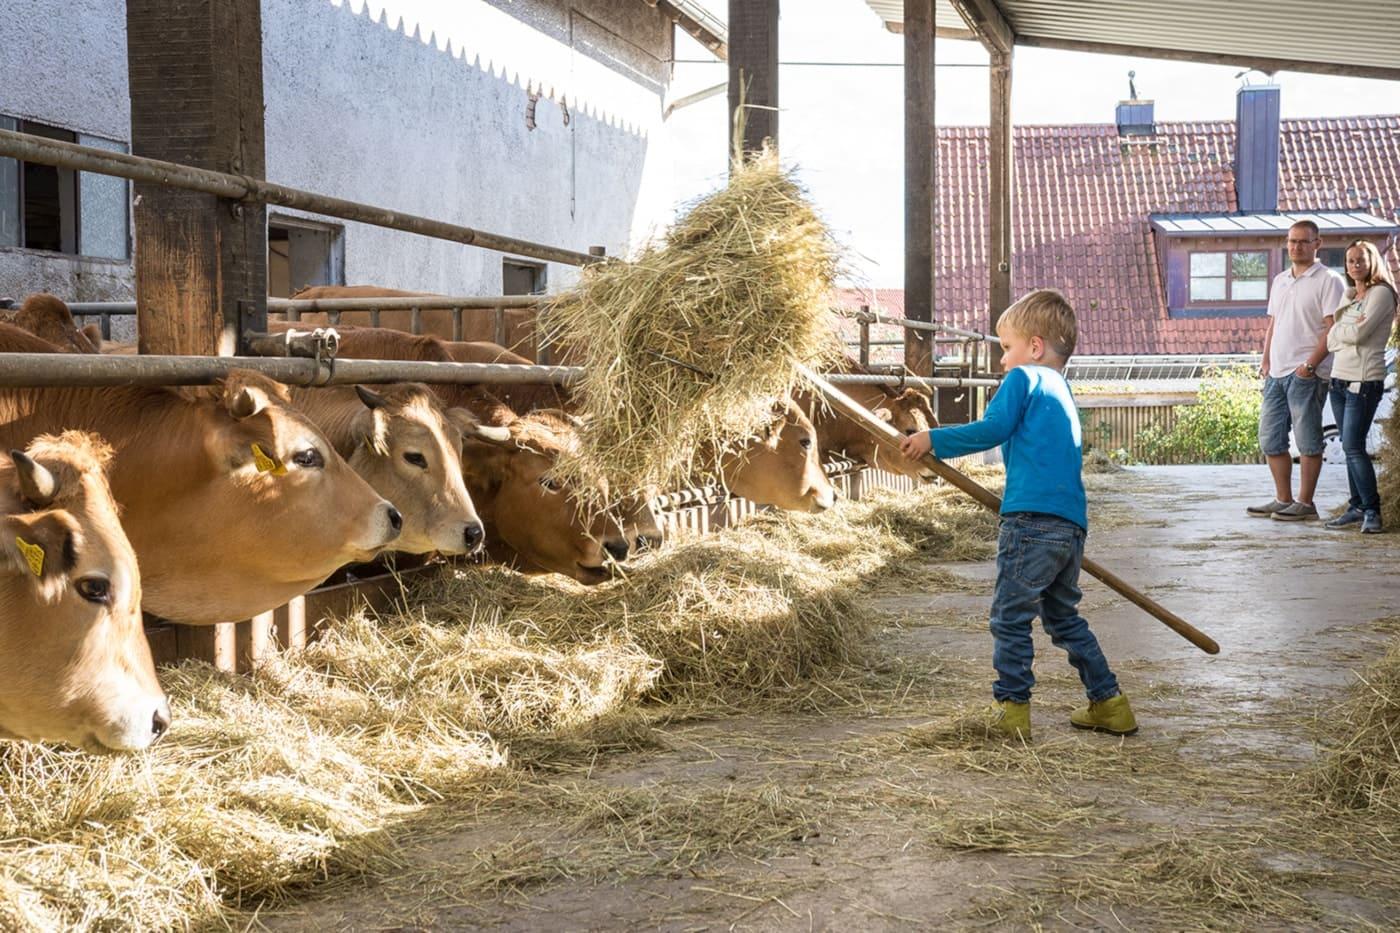 Bioerlebnistage Kind Kuh Stall // HIMBEER